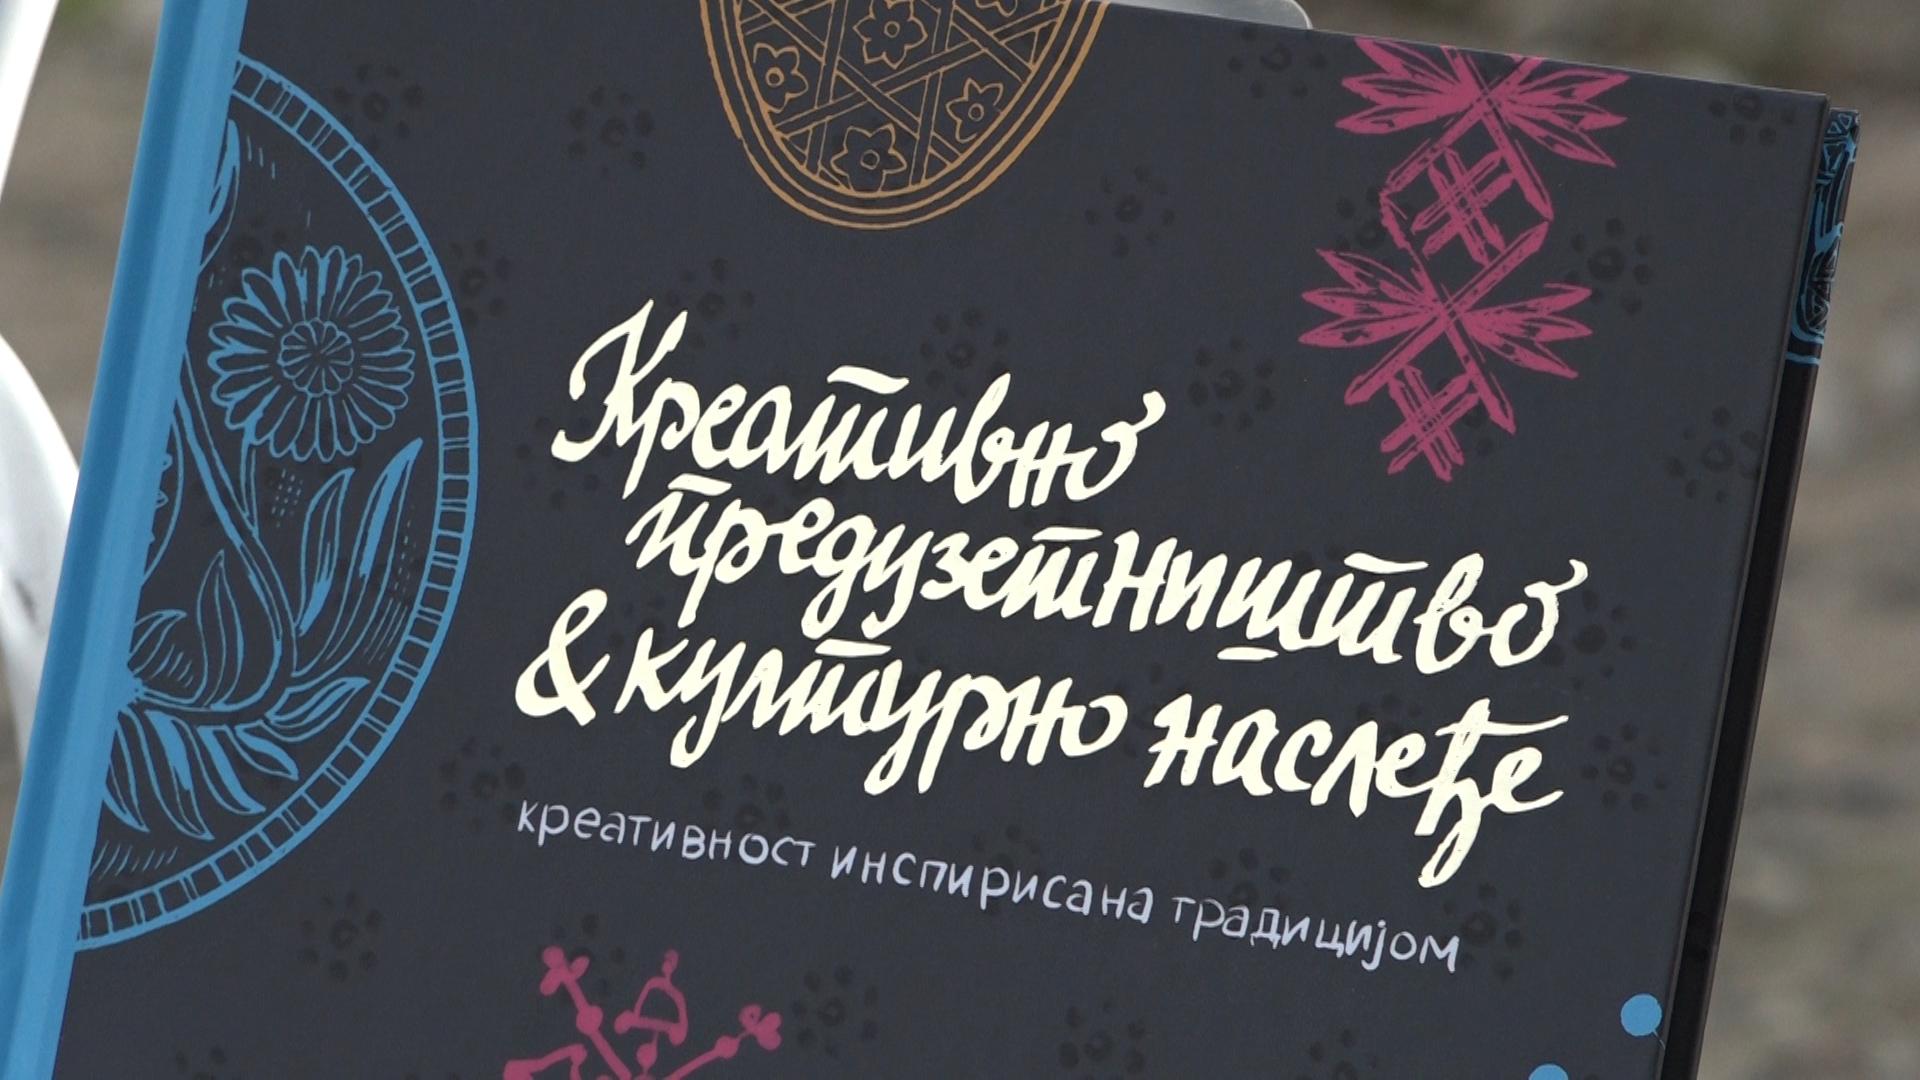 """Promocija knjige """"Kreativno preduzetništvo i kulturno nasleđe"""" u Zavičajnom muzeju"""